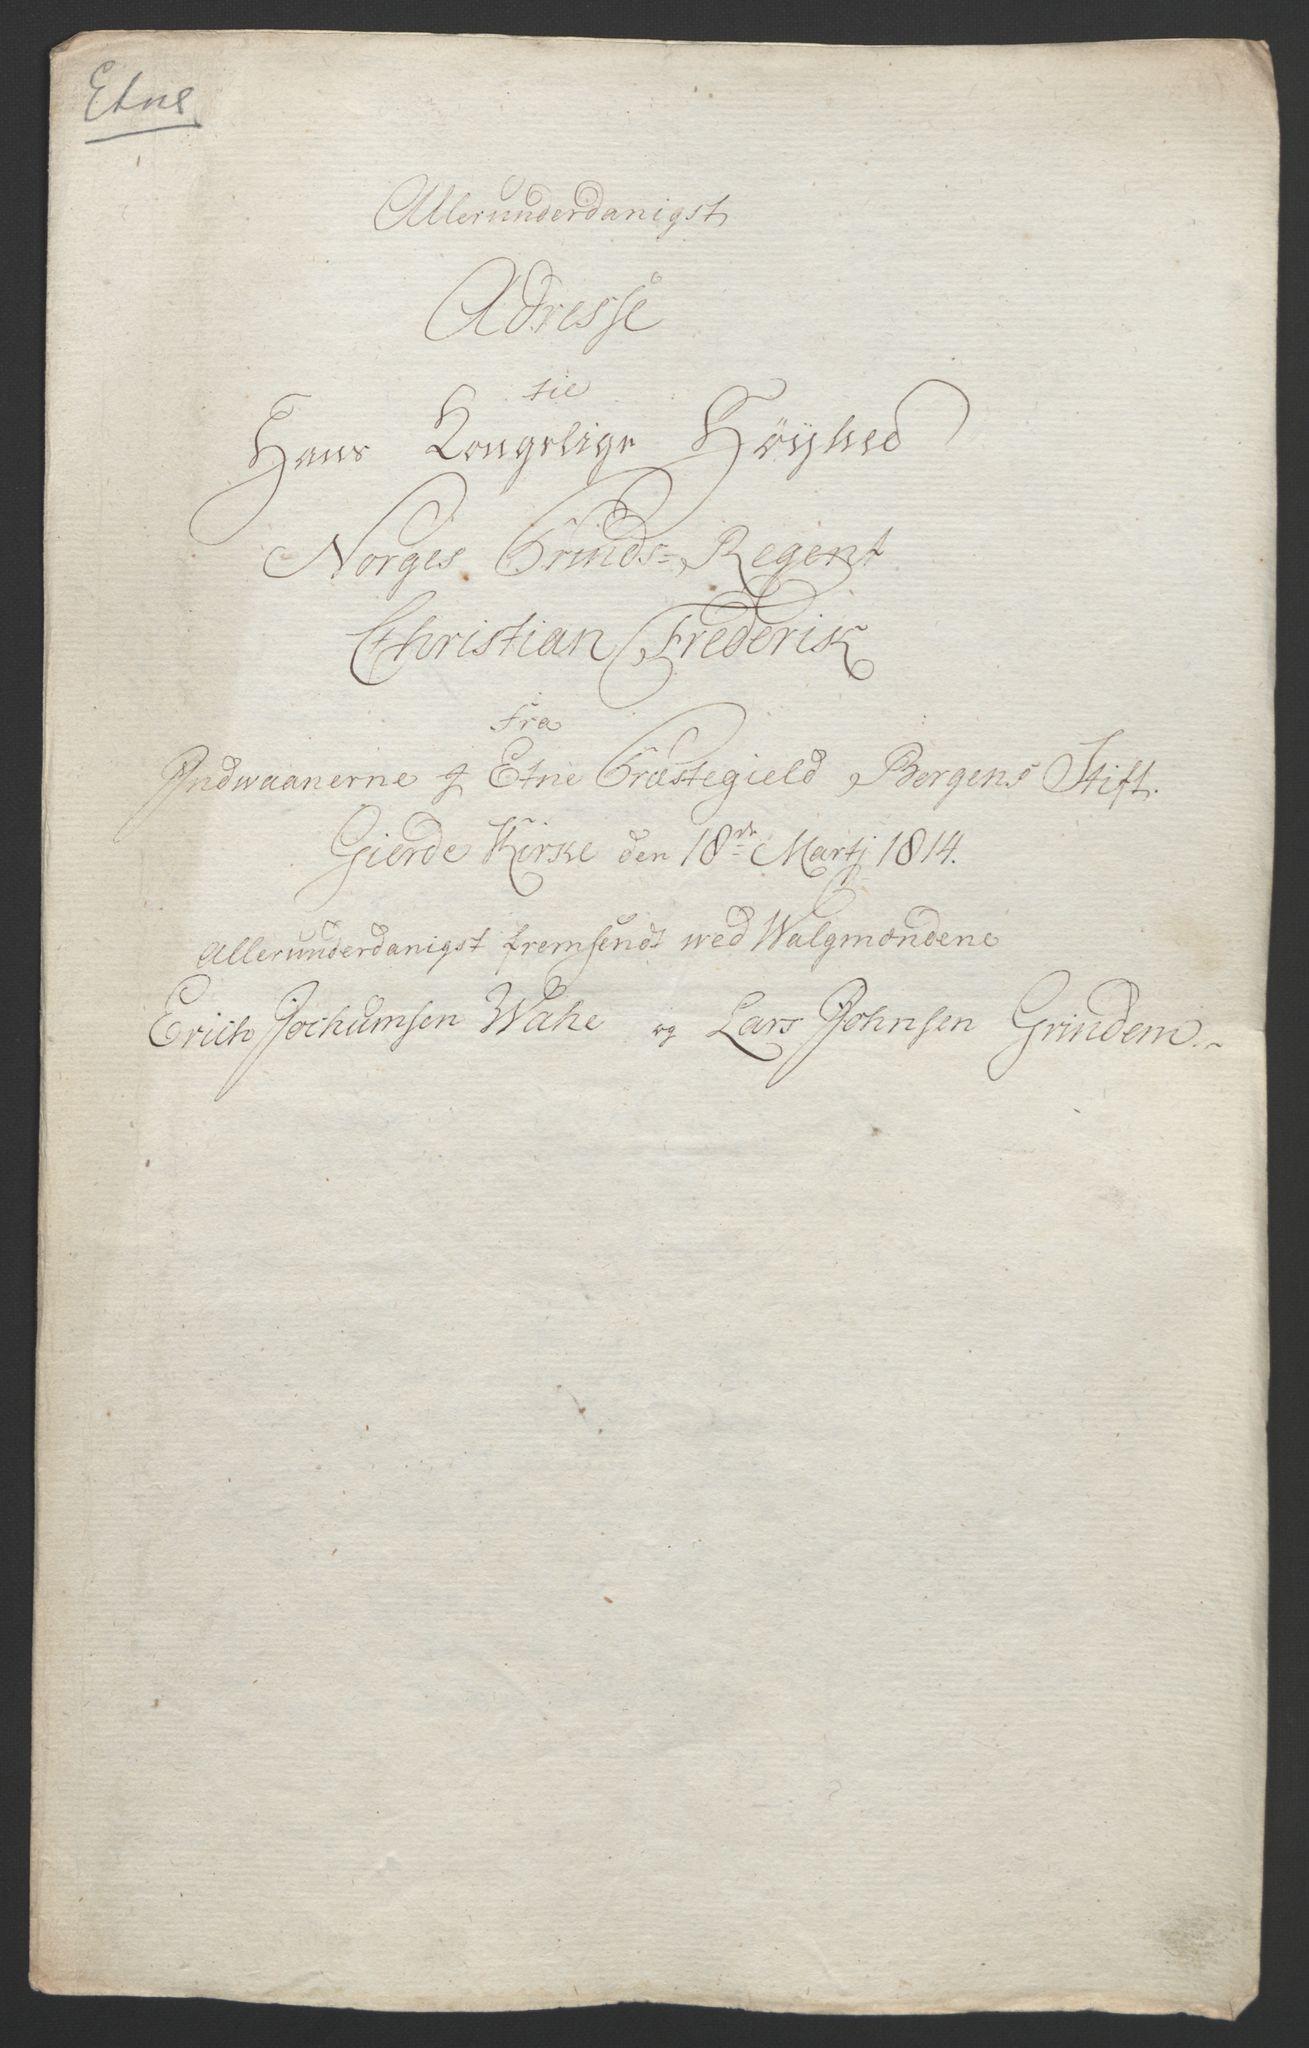 RA, Statsrådssekretariatet, D/Db/L0008: Fullmakter for Eidsvollsrepresentantene i 1814. , 1814, s. 269